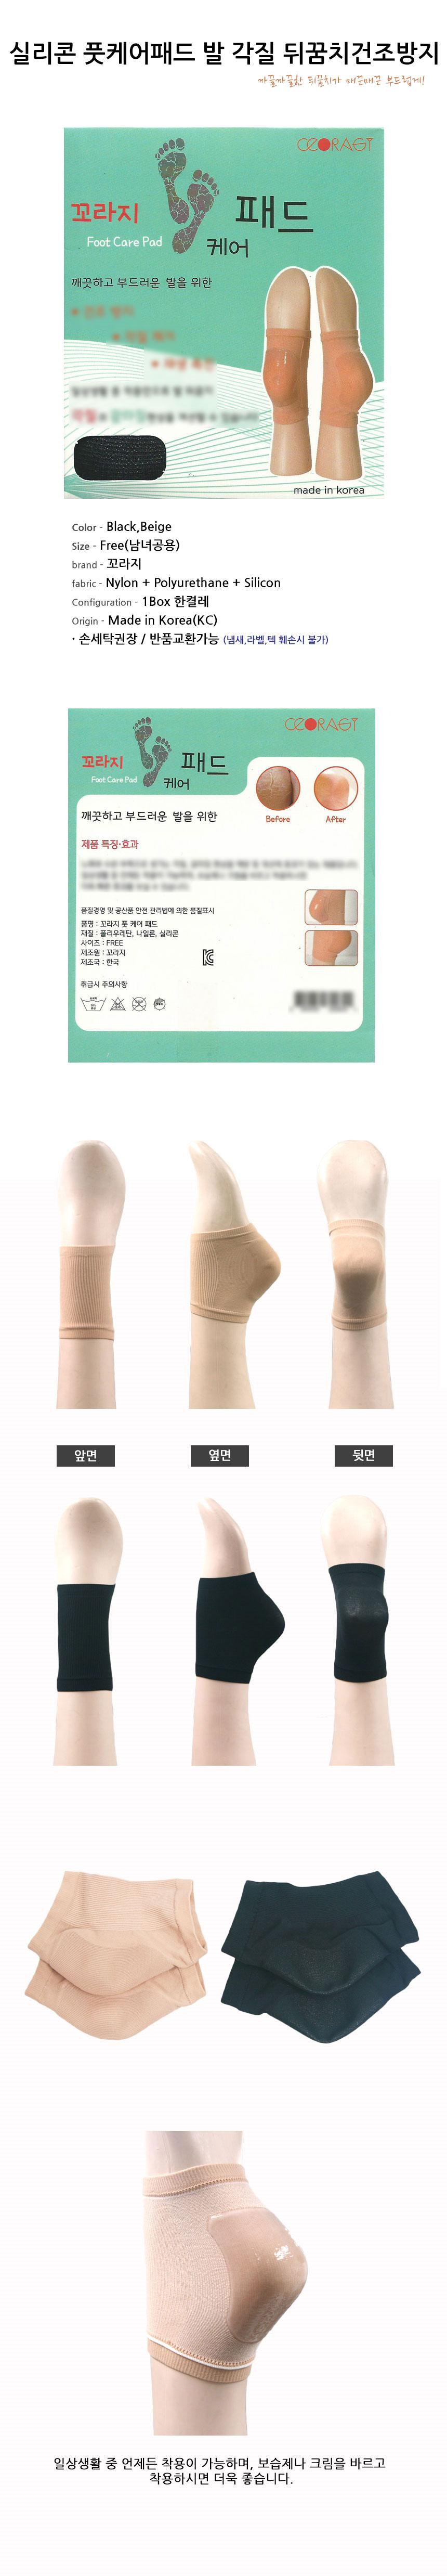 부드러운 발을 위한 뒤꿈치건조방지 풋케어패드 - 익스트리모, 8,000원, 신발소품, 패드/깔창